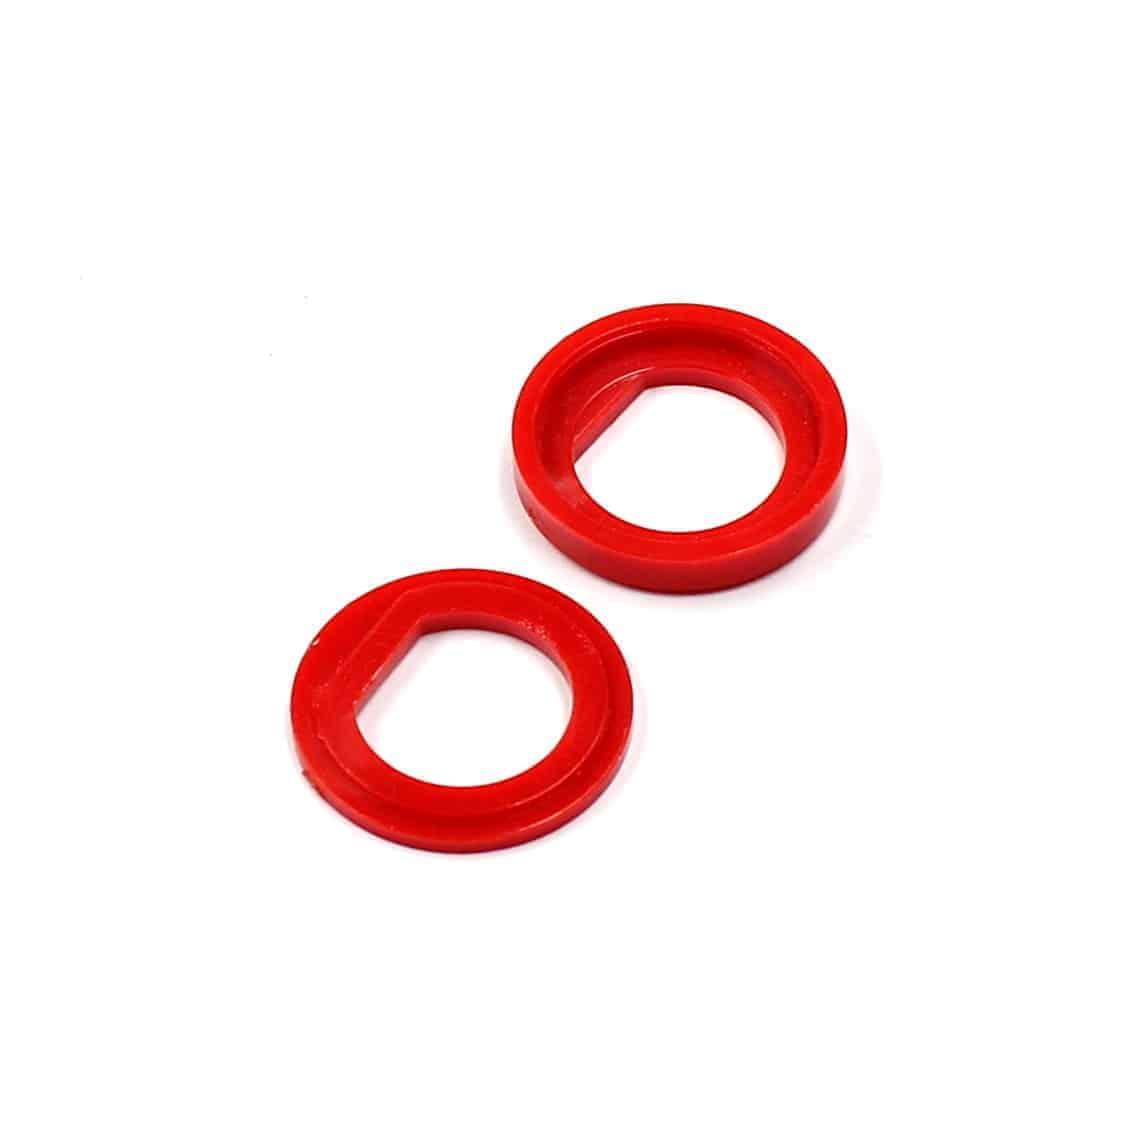 Isolierdurchführung rot / red insulation washer